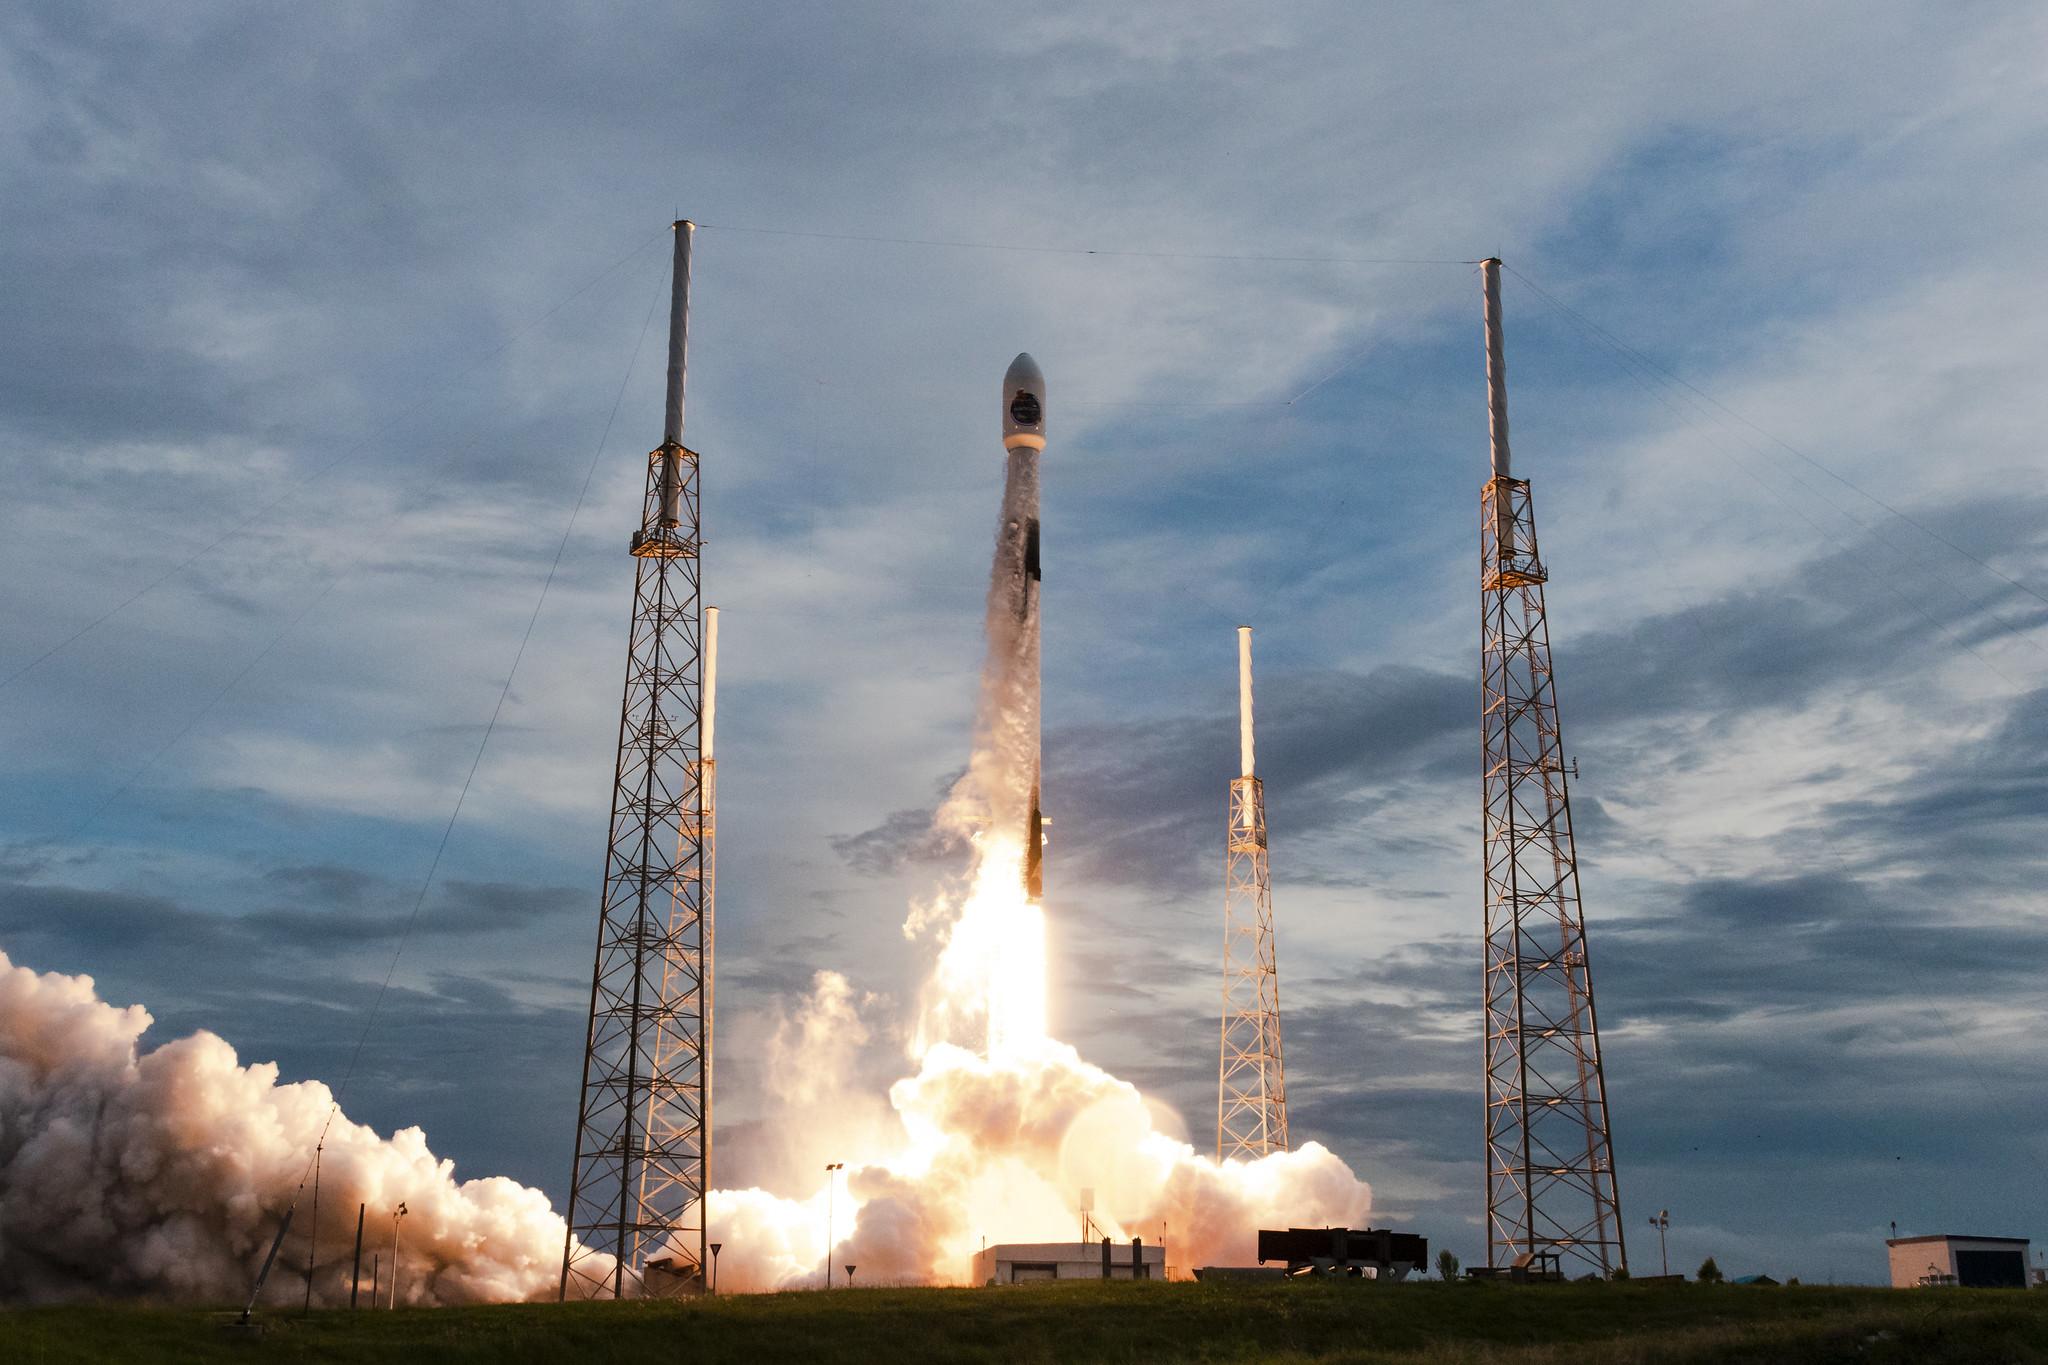 Фото: як виглядав полярний запуск ракети Falcon 9 від SpaceX